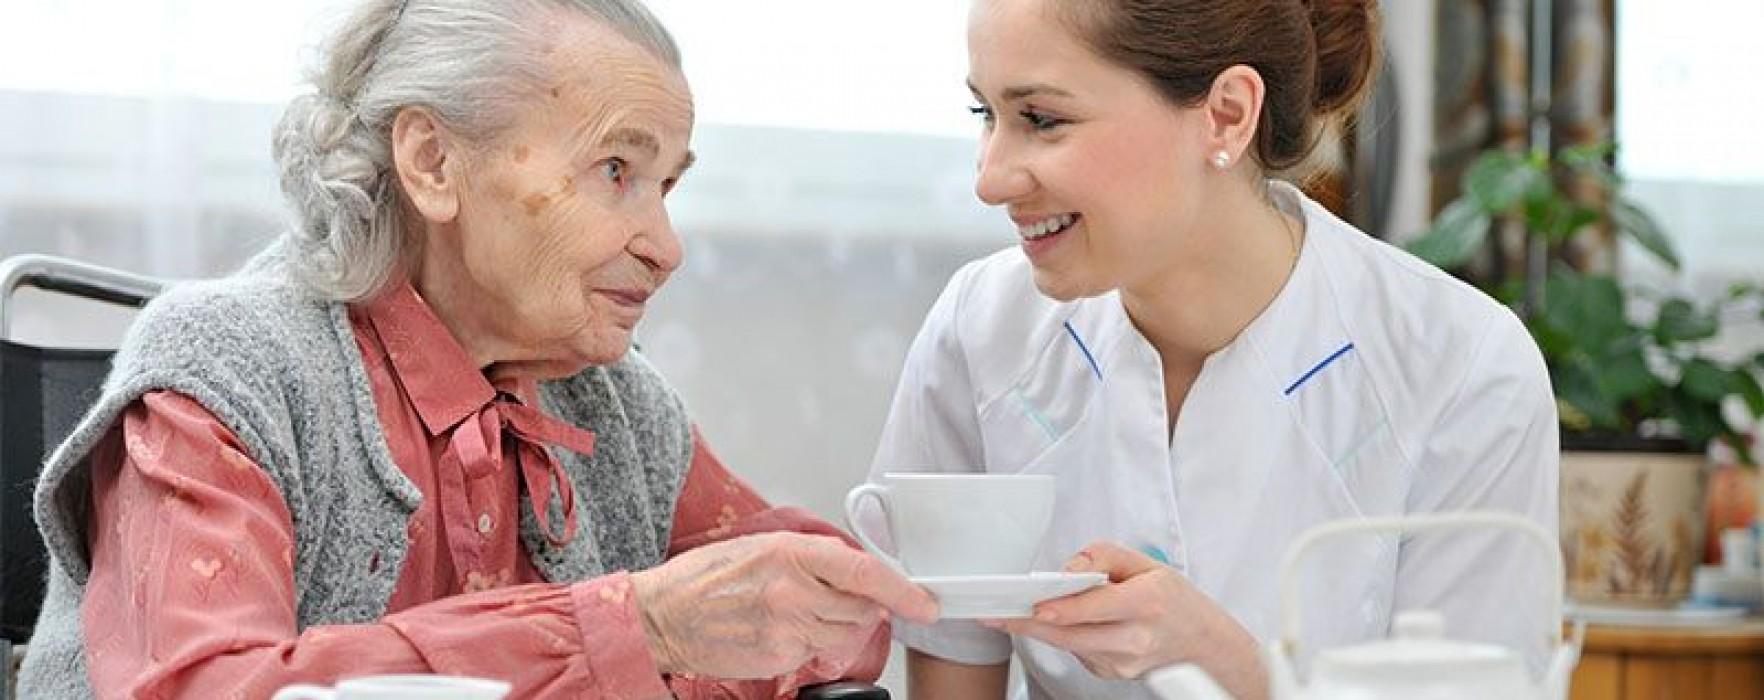 Se caută îngrijitori persoane în Marea Britanie, salariu 7 lire pe oră